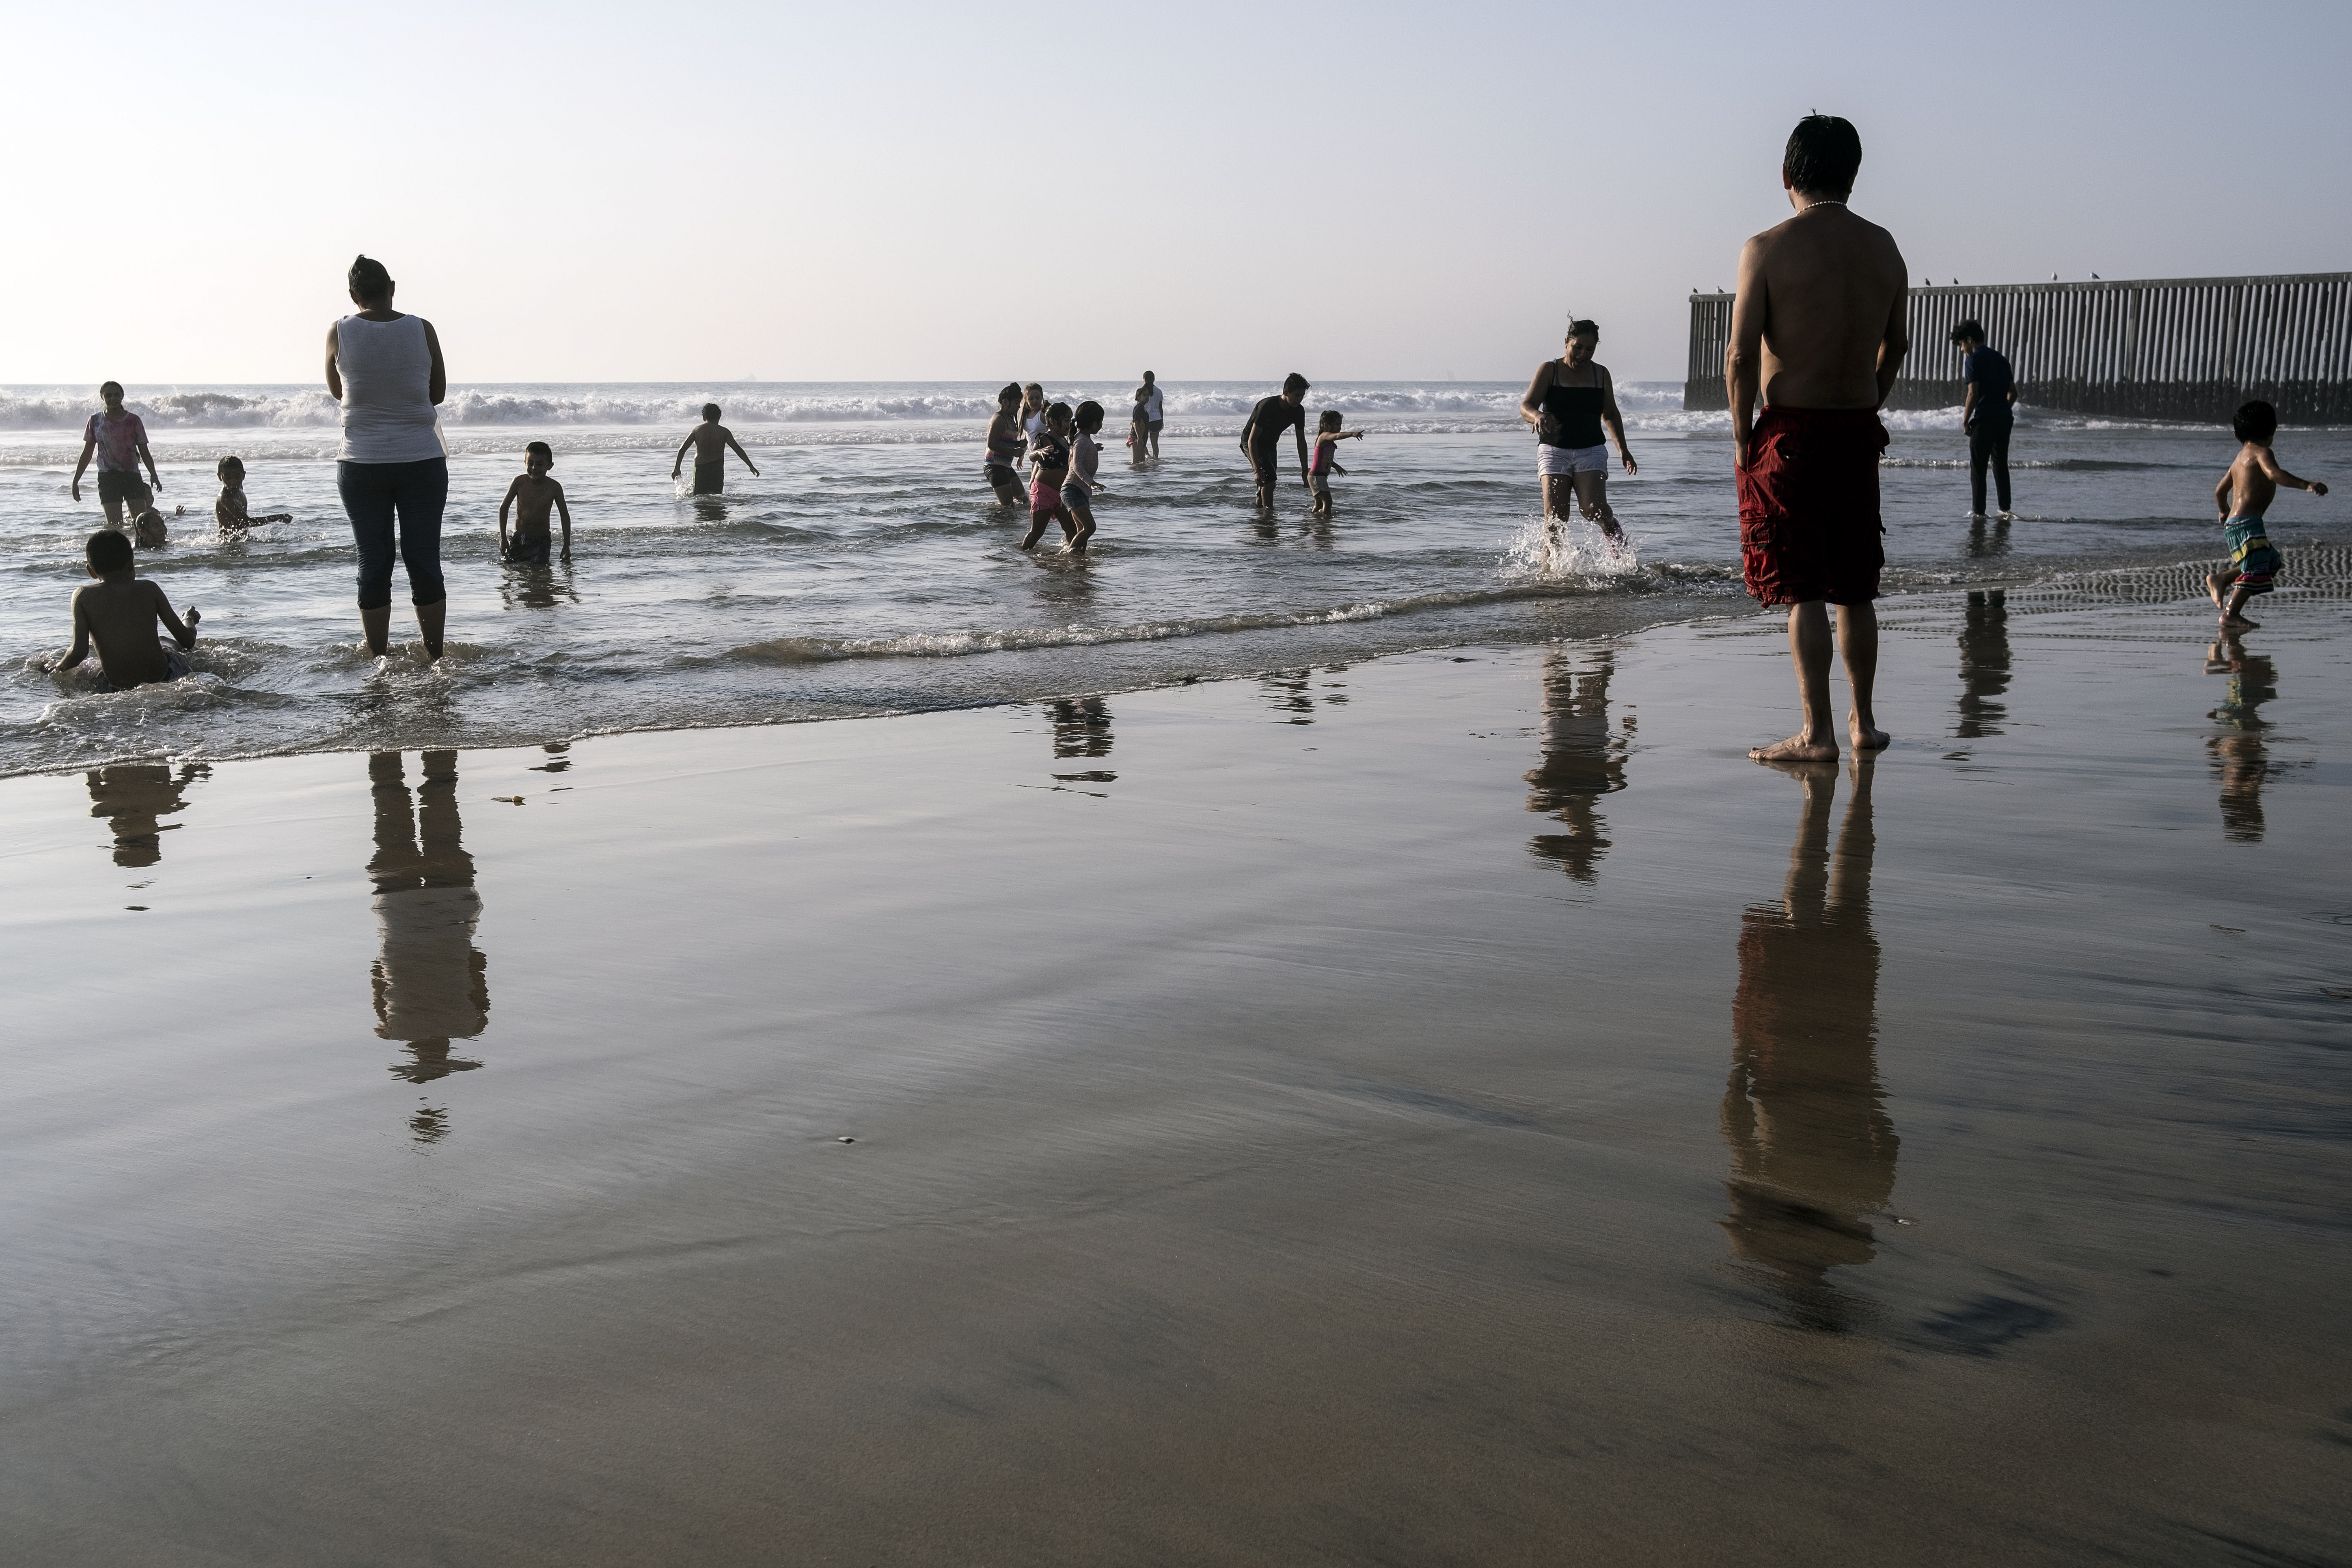 Playas de Tijuana cerca de la frontera entre Estados Unidos y México en Tijuana, estado de Baja California, México, el 3 de octubre de 2020, en medio de la pandemia del coronavirus COVID-19.